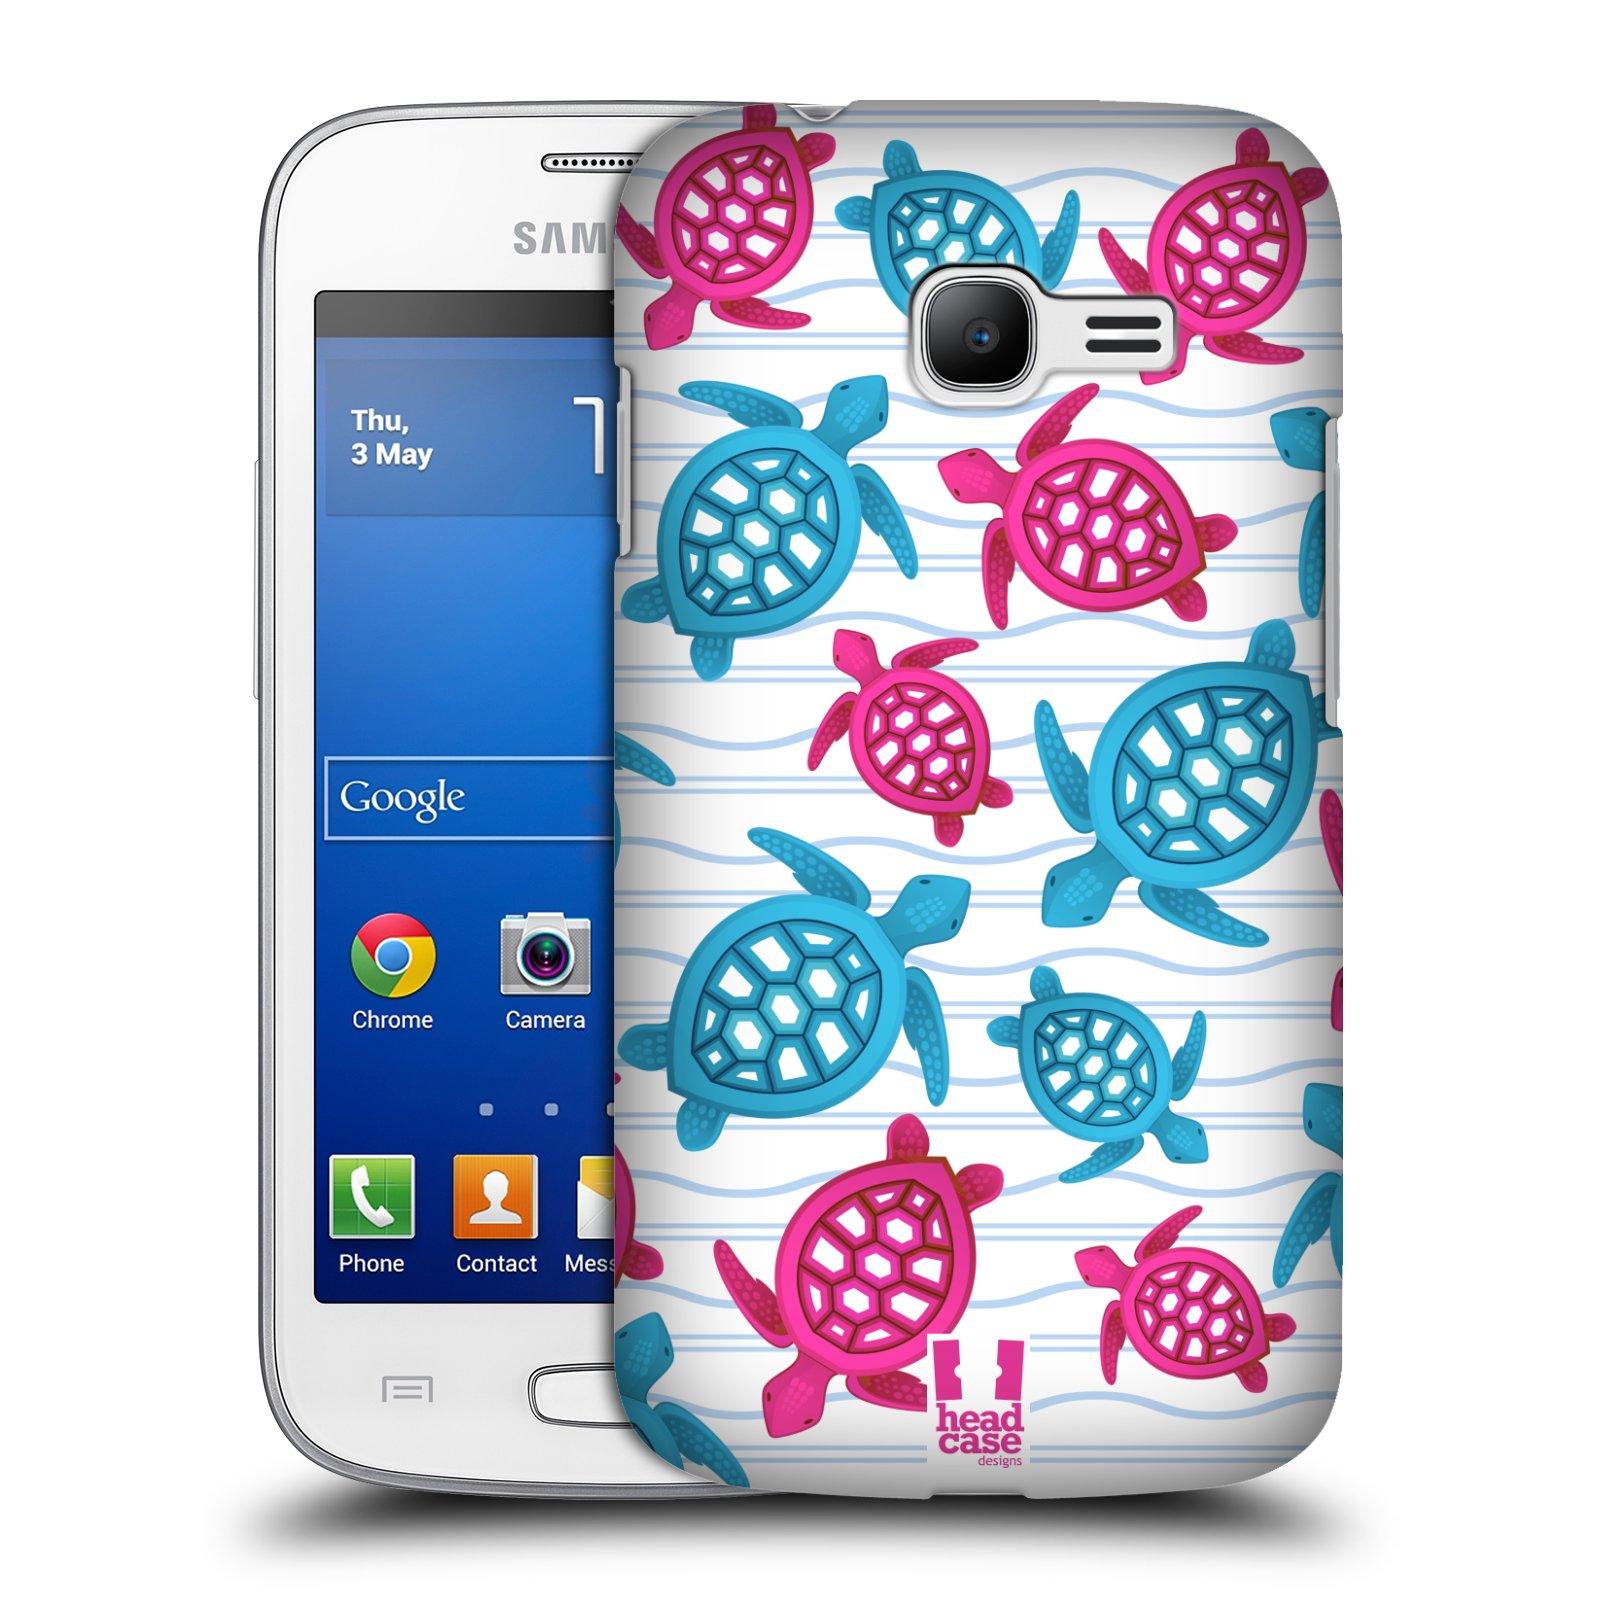 HEAD CASE plastový obal na mobil SAMSUNG GALAXY Star Pro S7260/S7262 DUOS vzor mořský živočich želva modrá a růžová